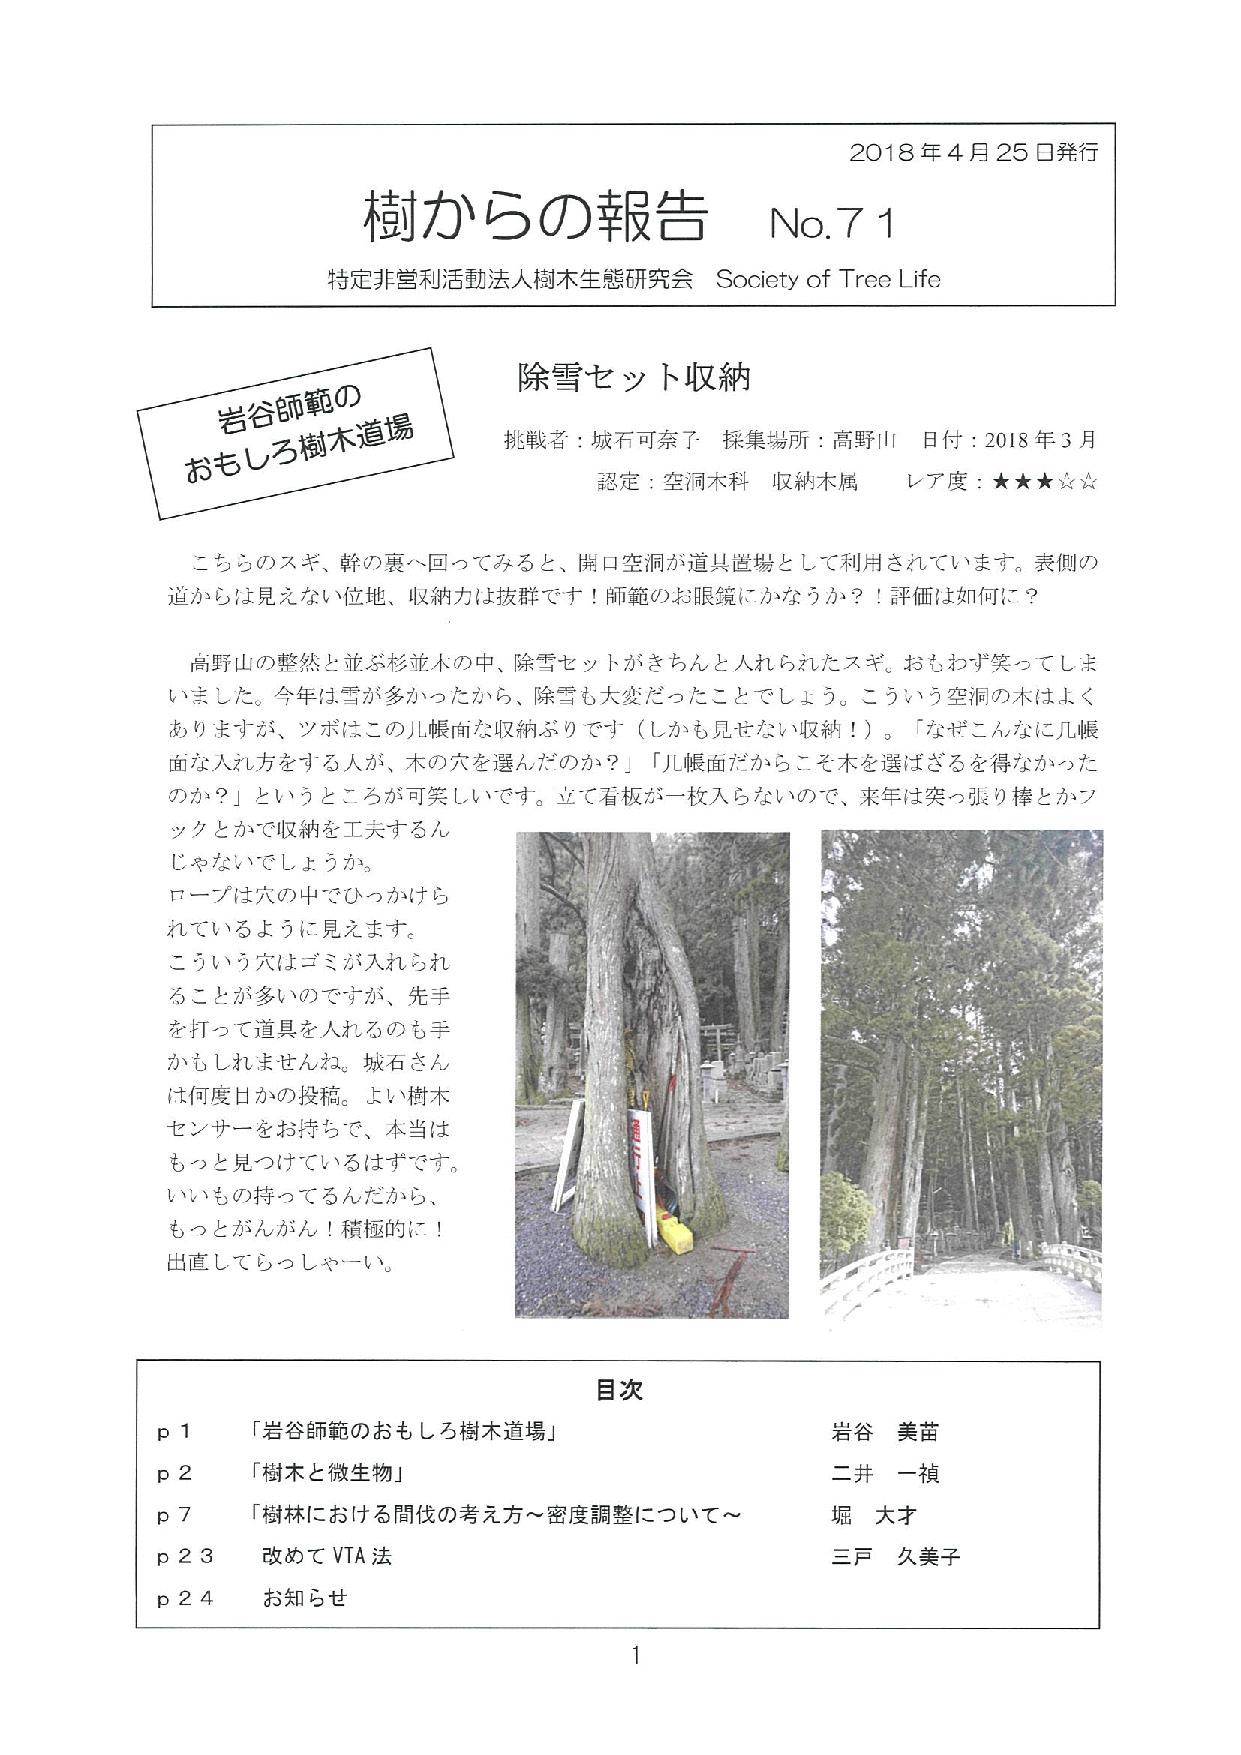 樹からの報告 会報71号